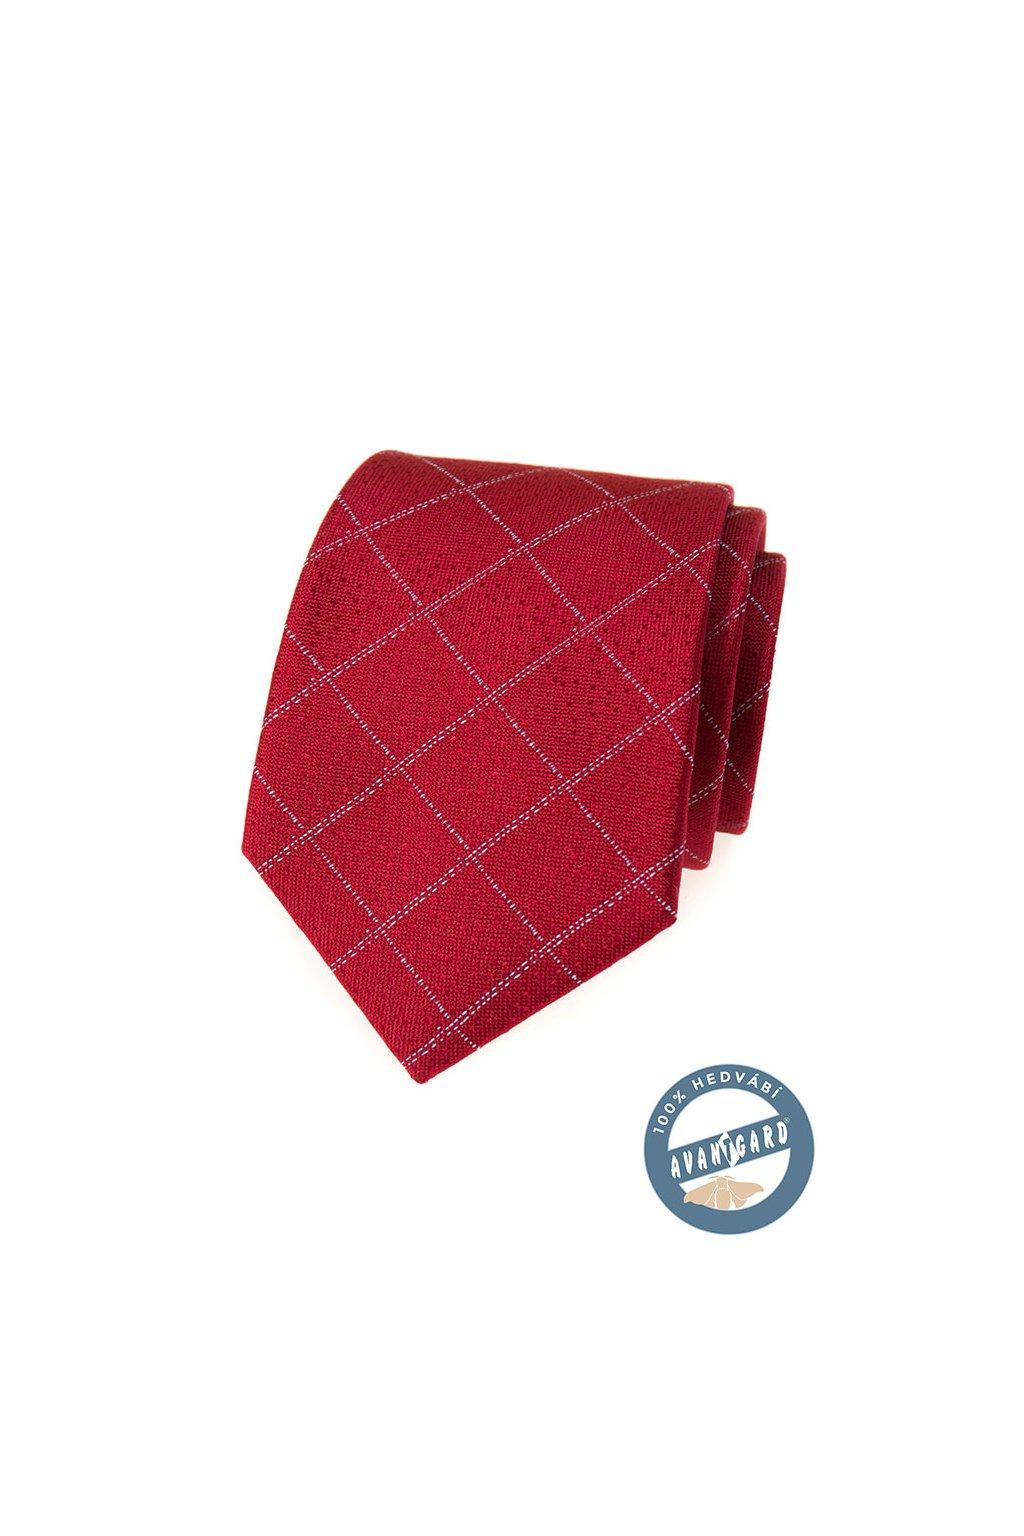 Červená hedvábná kravata s proužkem 621 - 7735